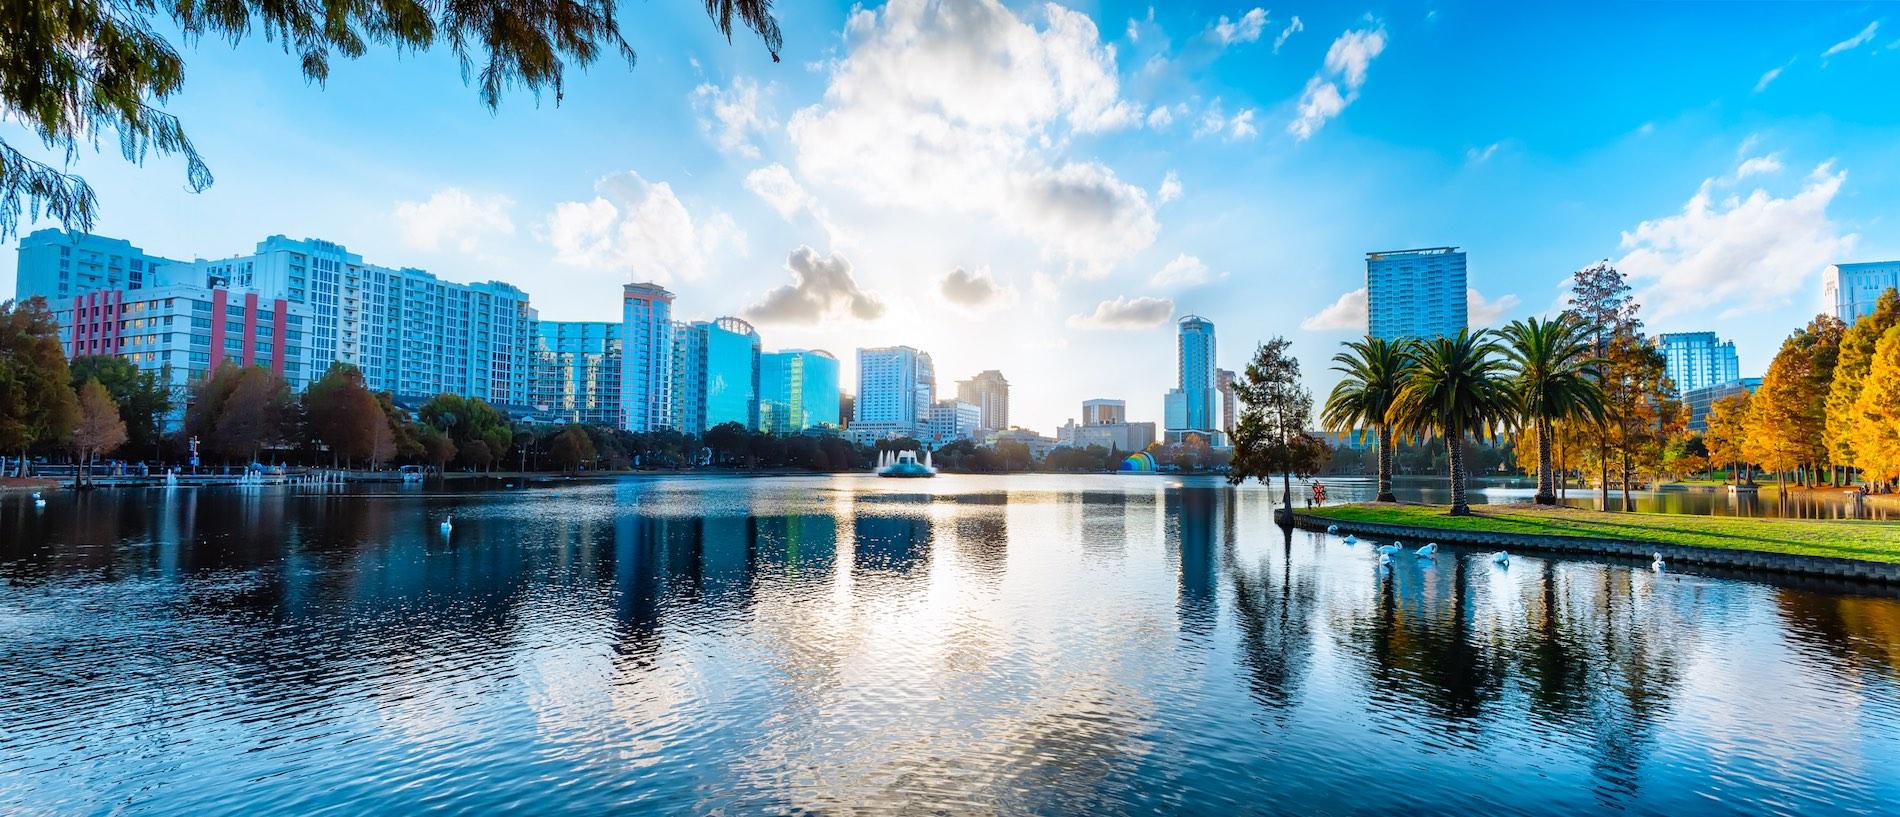 Vacation rentals in Orlando, Florida area | Vrbo